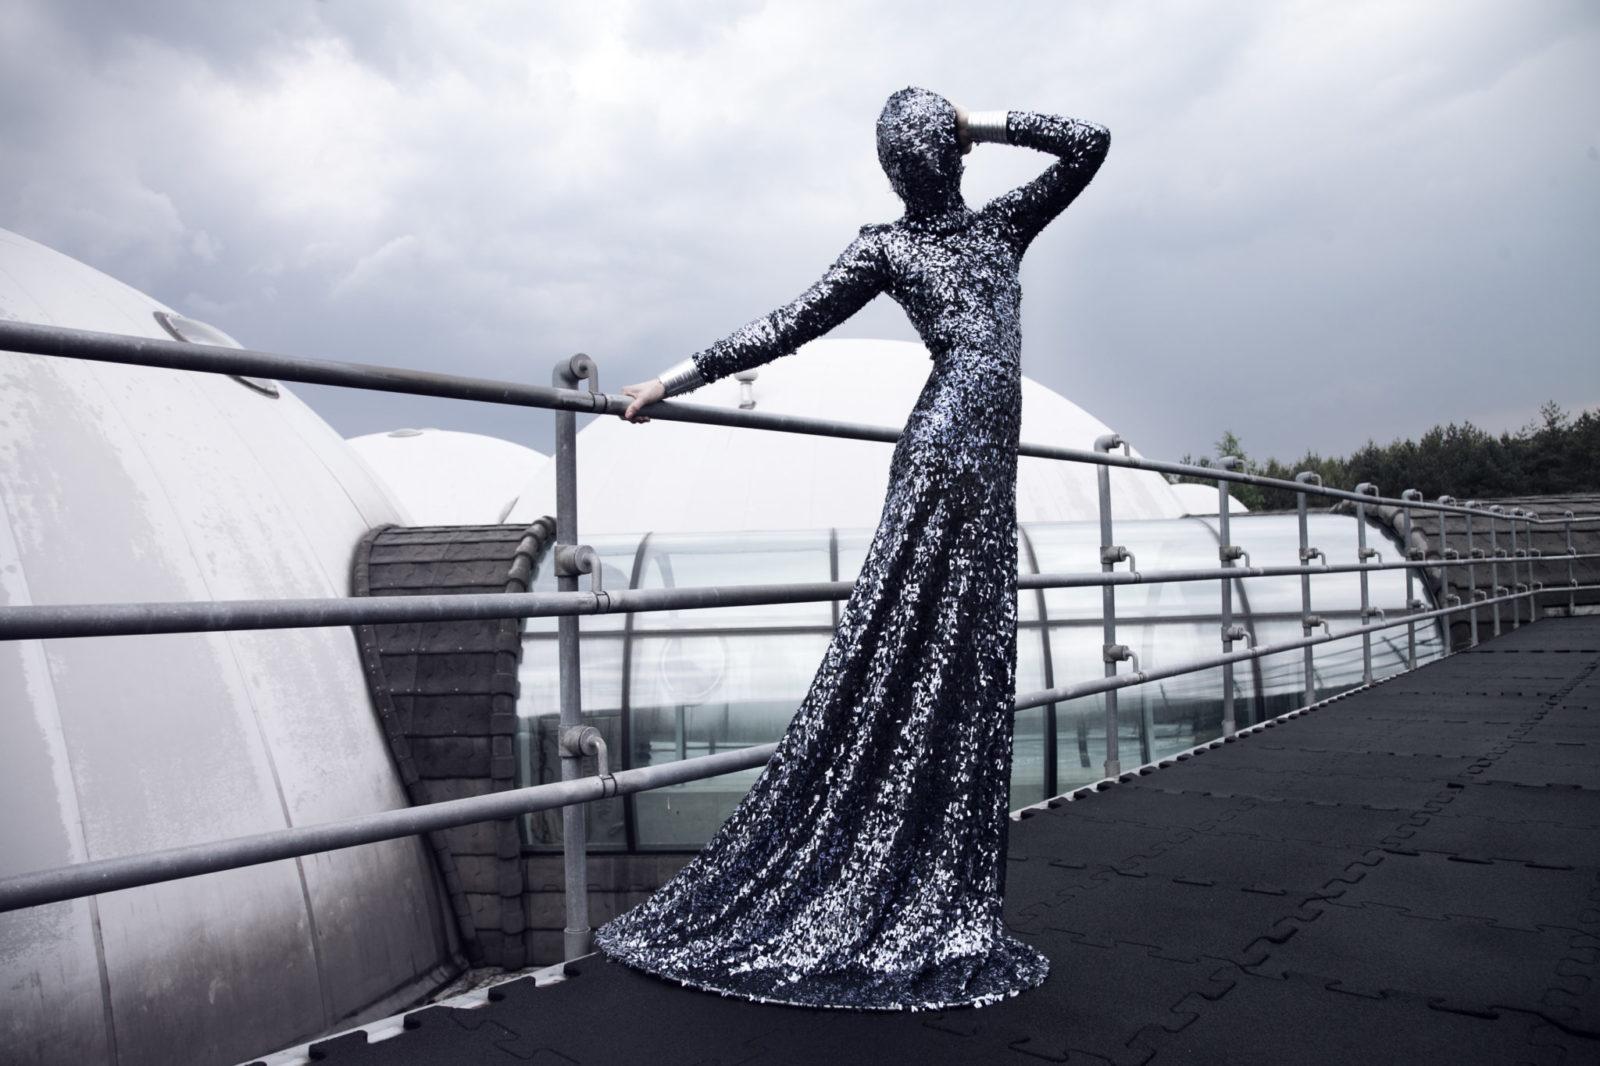 Kobieta trzymająca się za porczęcz stojąca w błyszczącej, ciemnej sukience z zakrytą twarzą